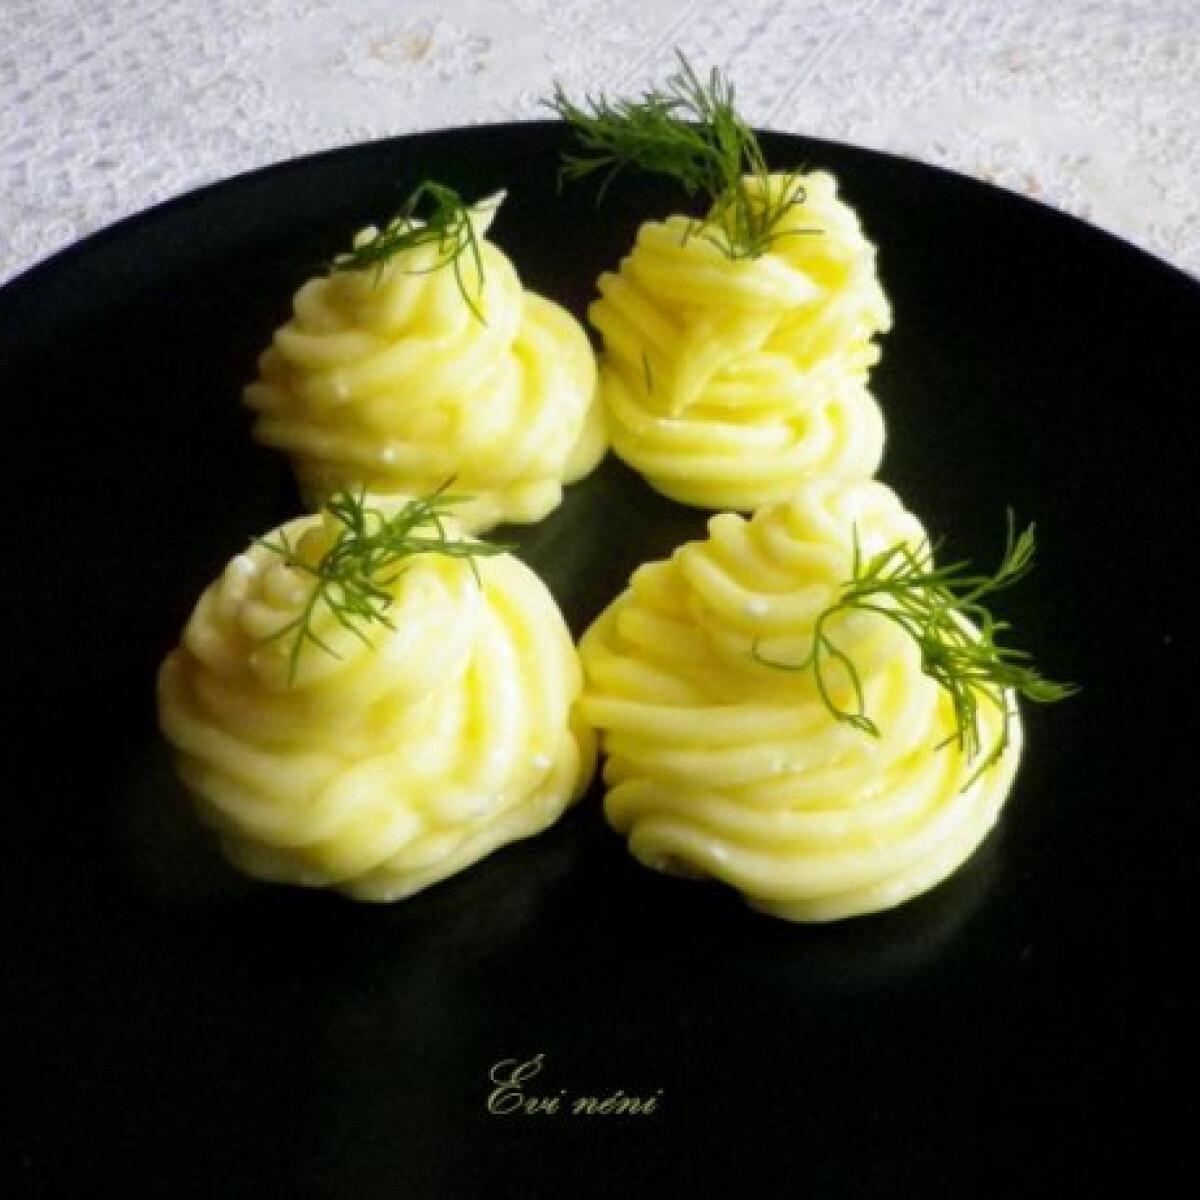 Ezen a képen: Ricottás krumplipüré